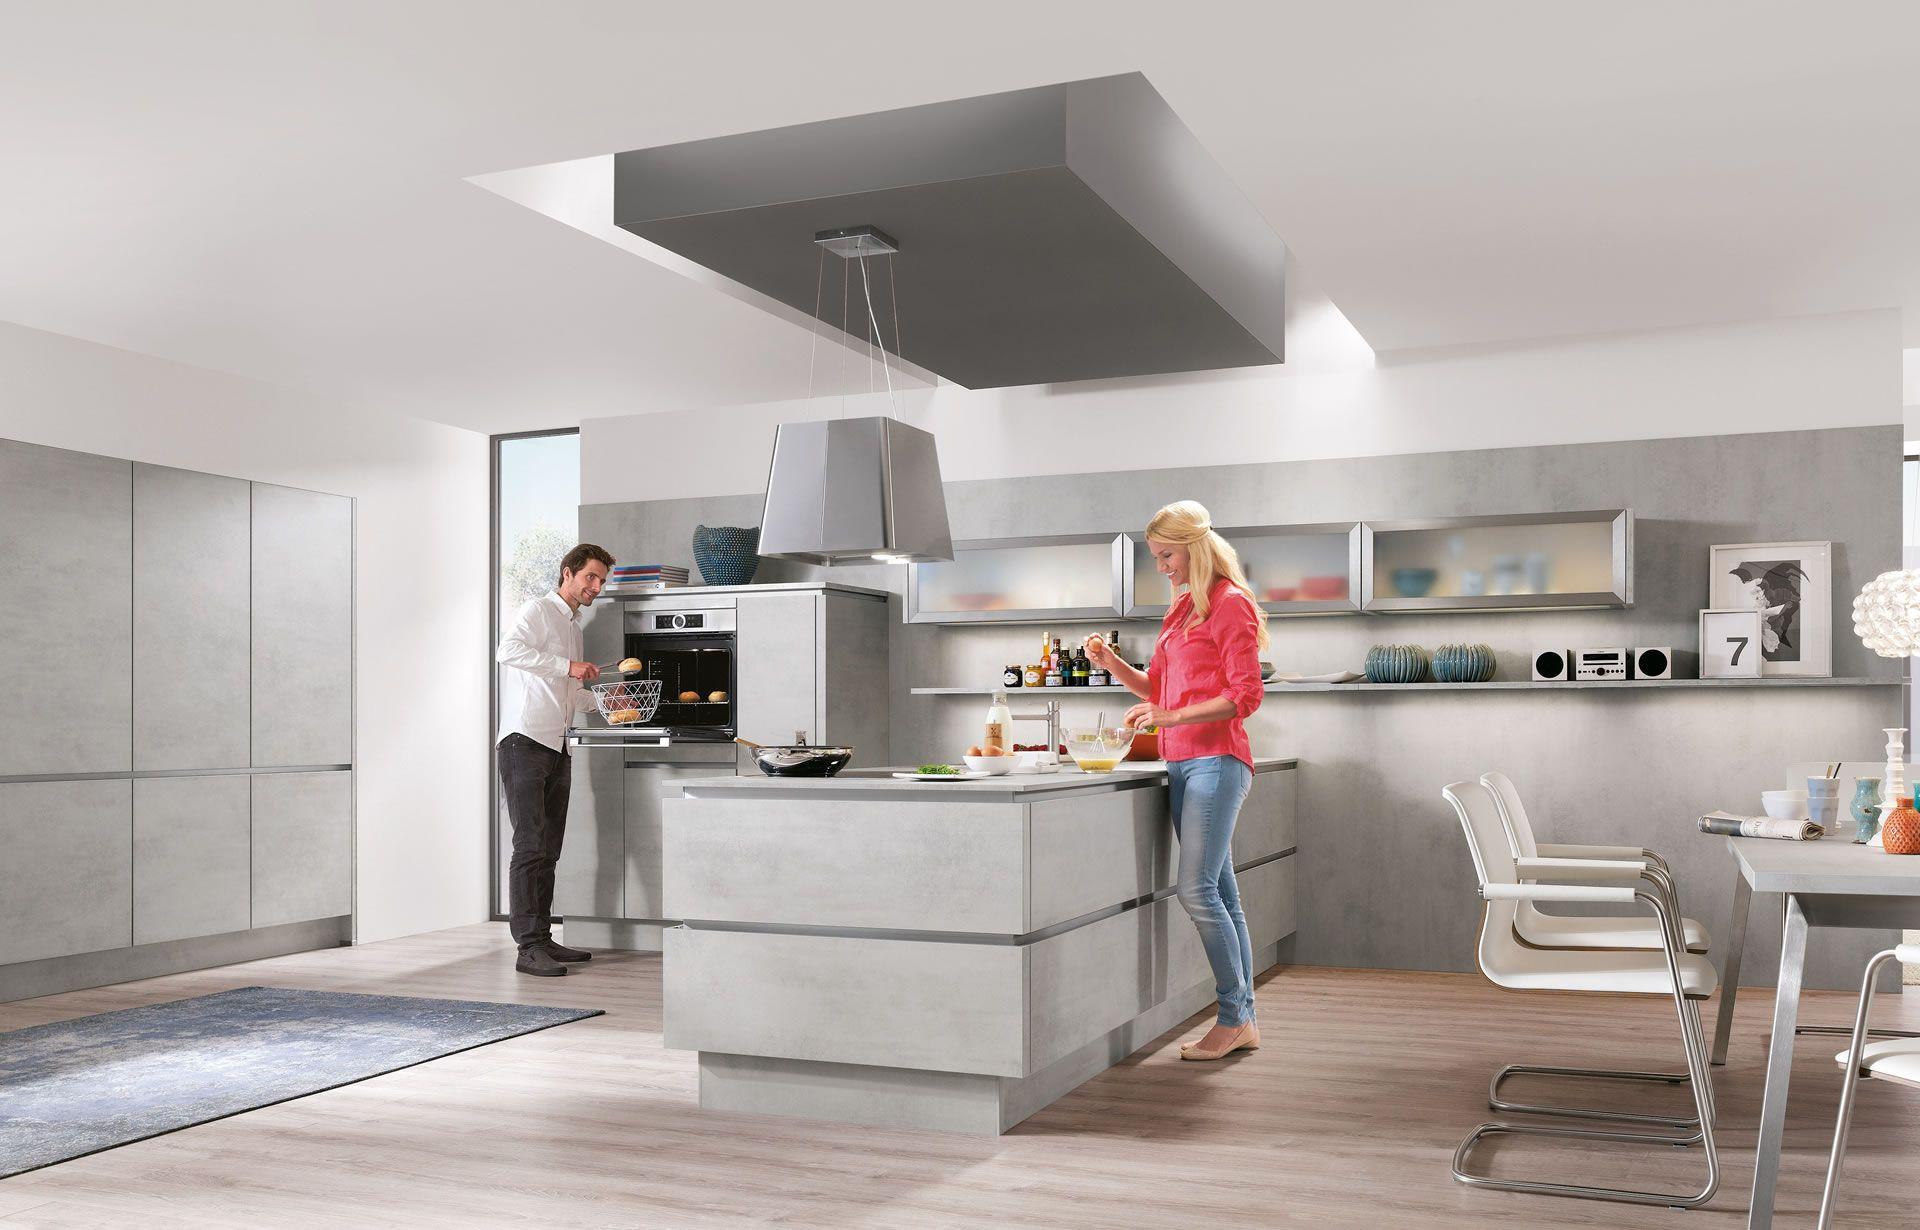 Nobilia Kitchens White modern kitchen, Gray and white